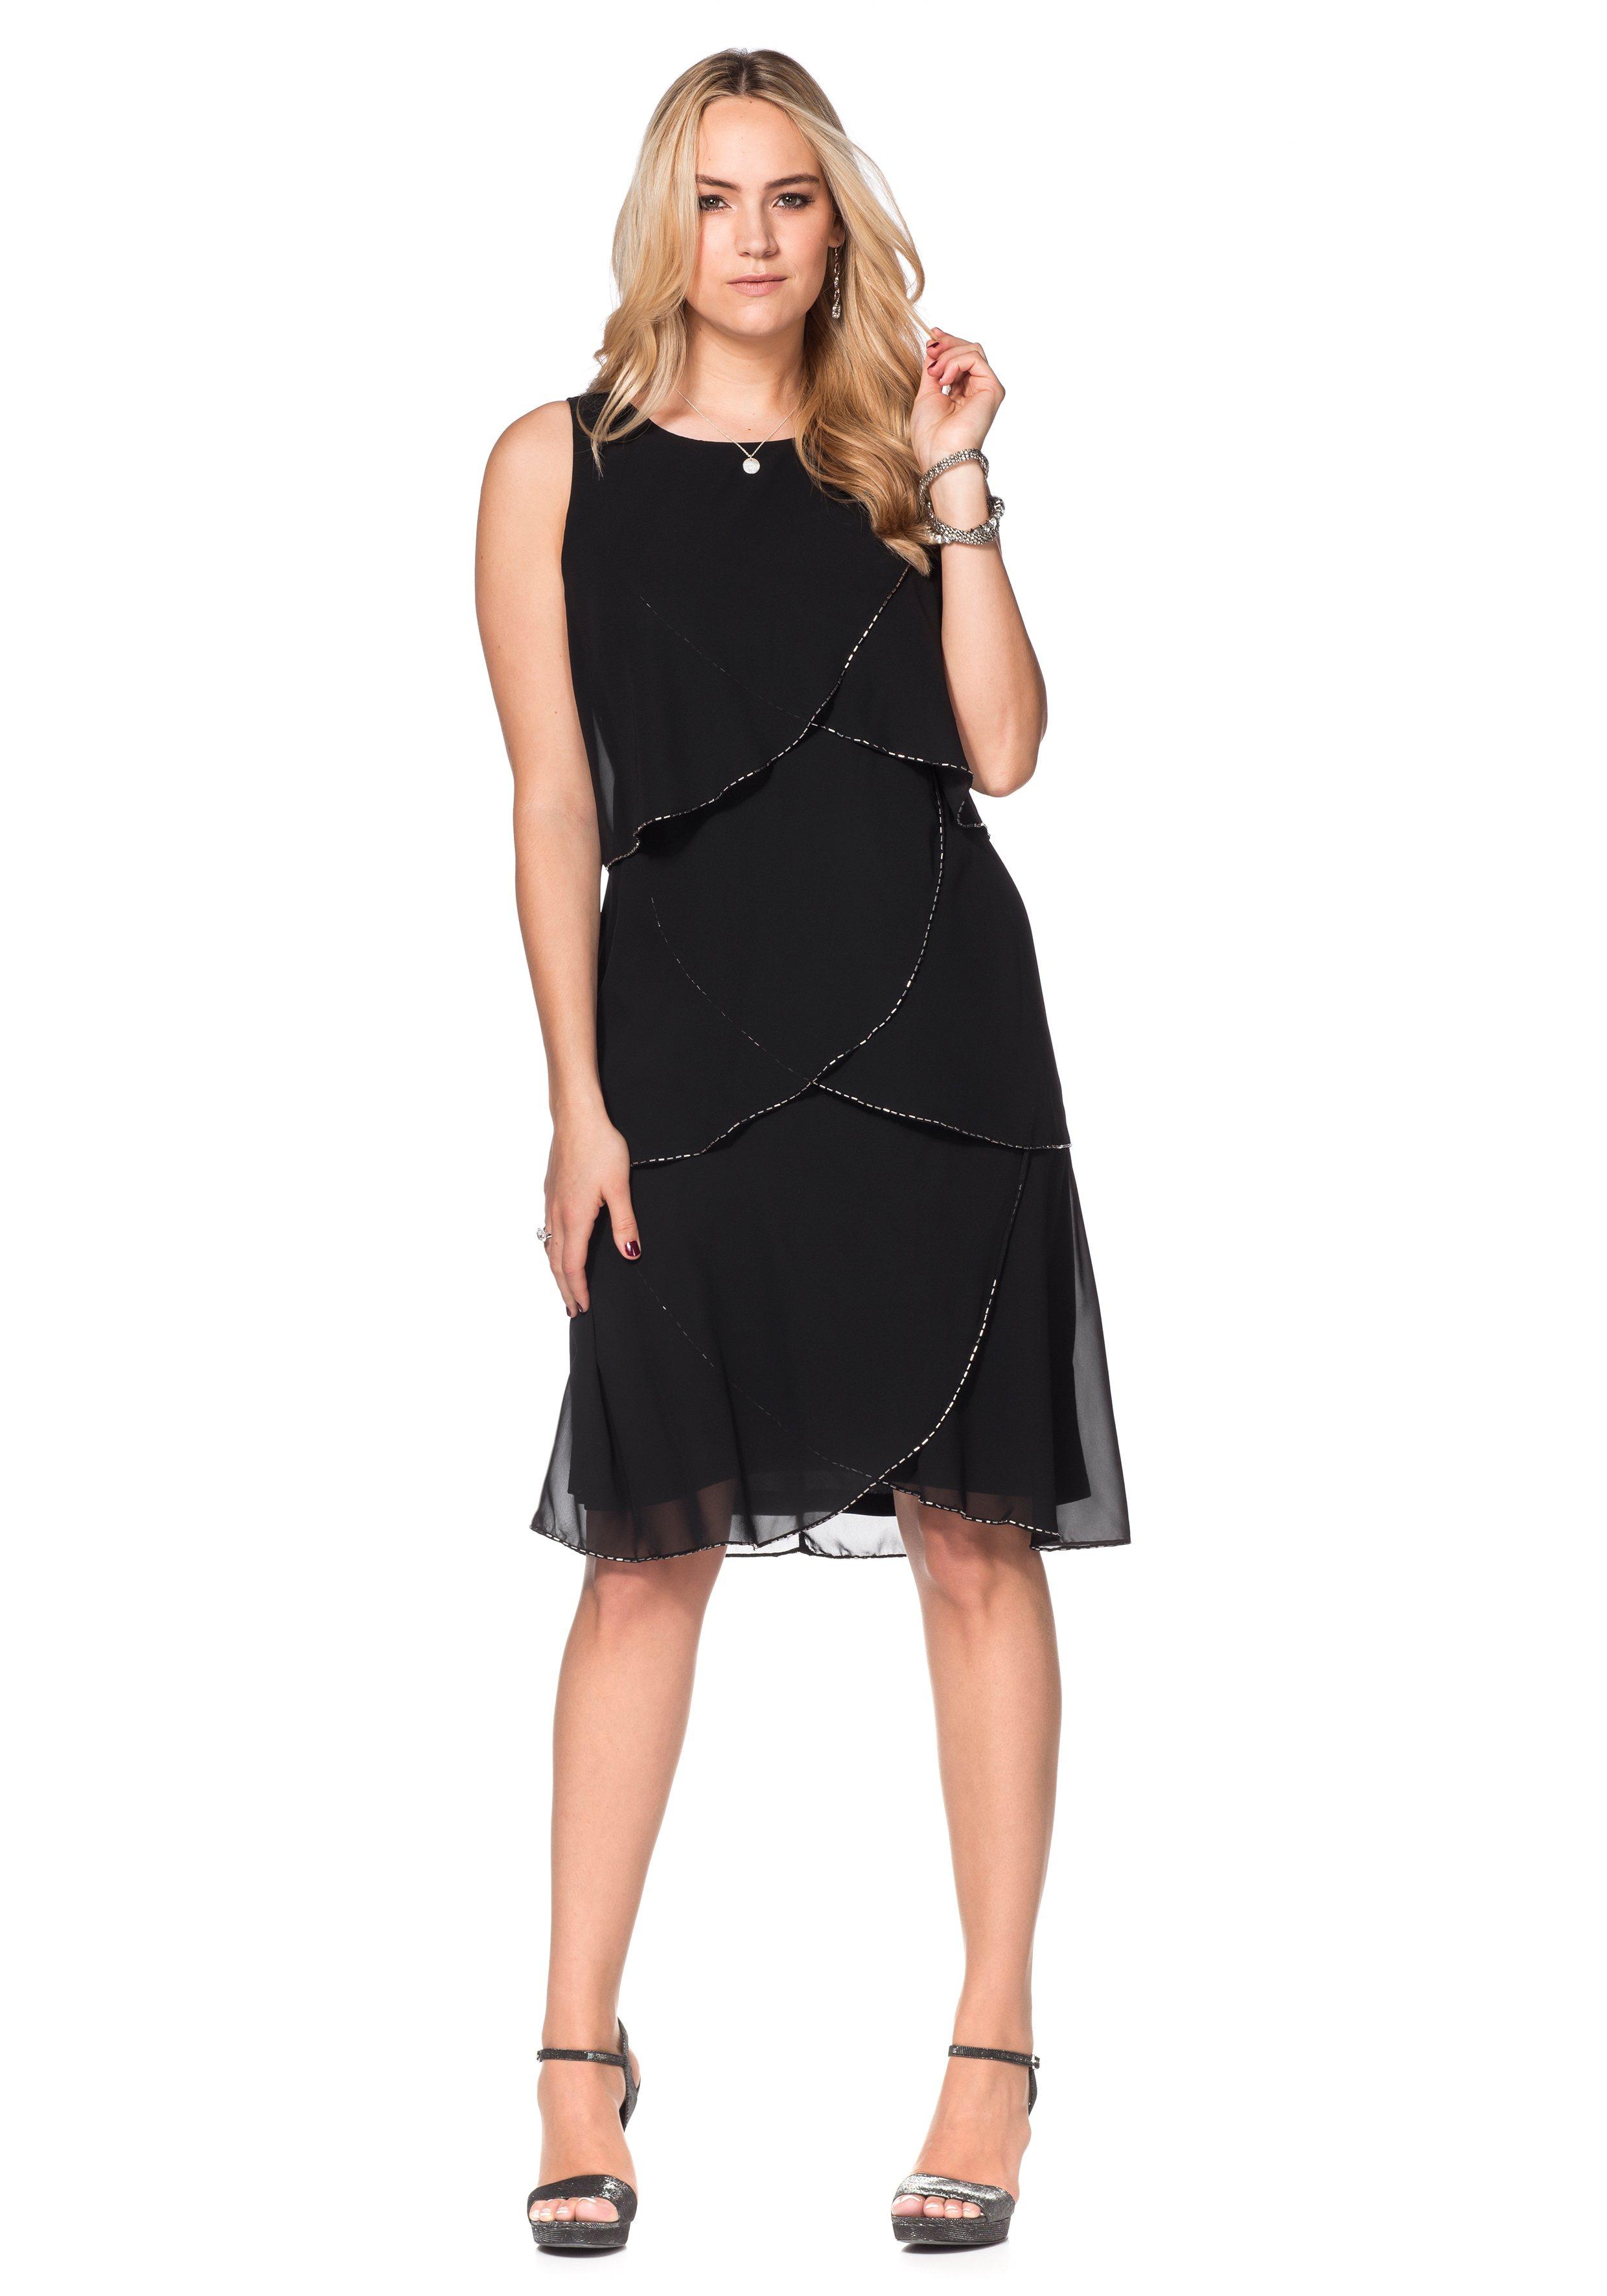 sheego Style Kleid mit Volants von OTTO - Ihr Online-Shop in black - Schwarz für 89,99€